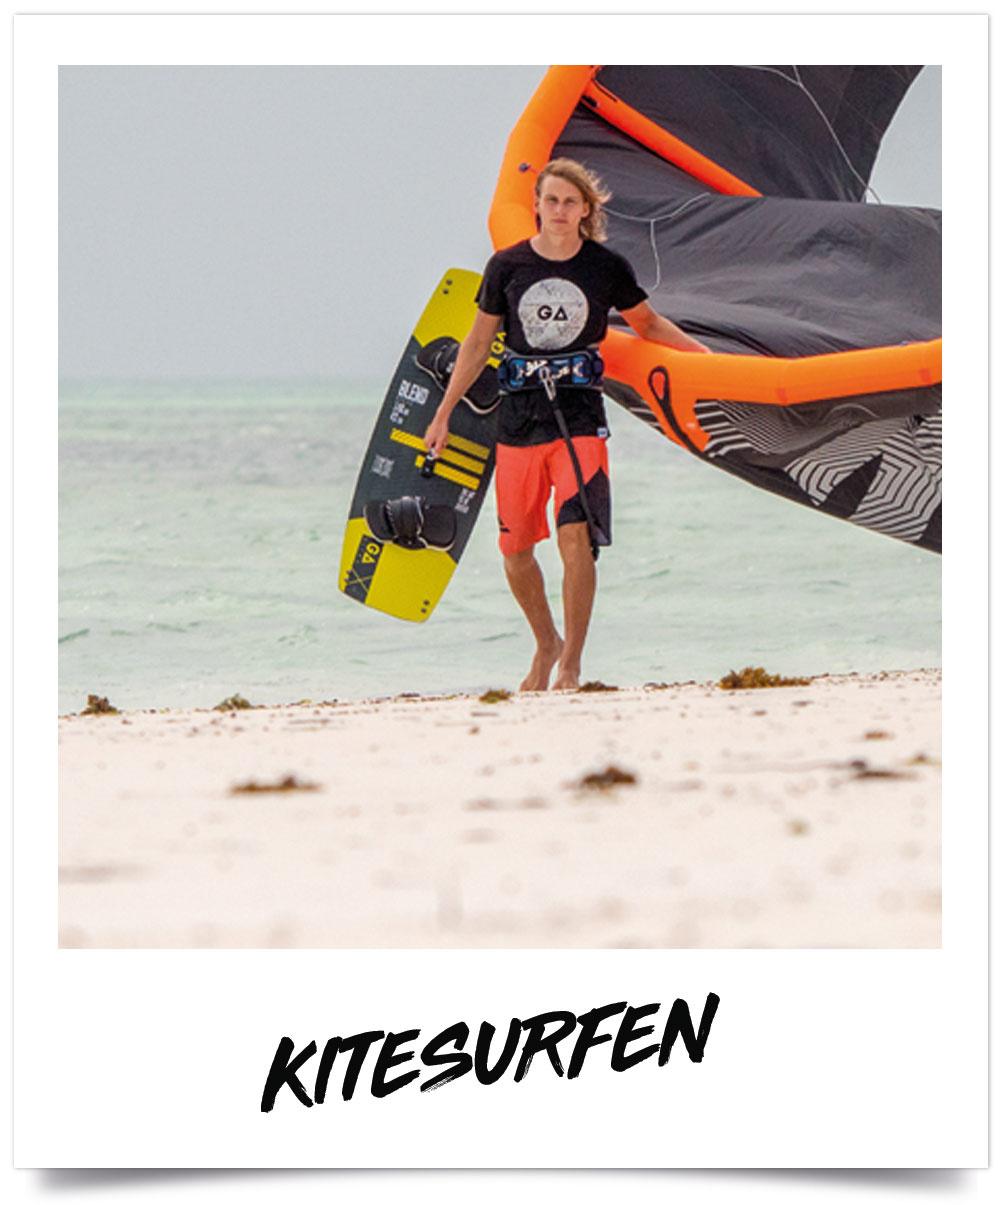 Kitesurf - kiteboard gear